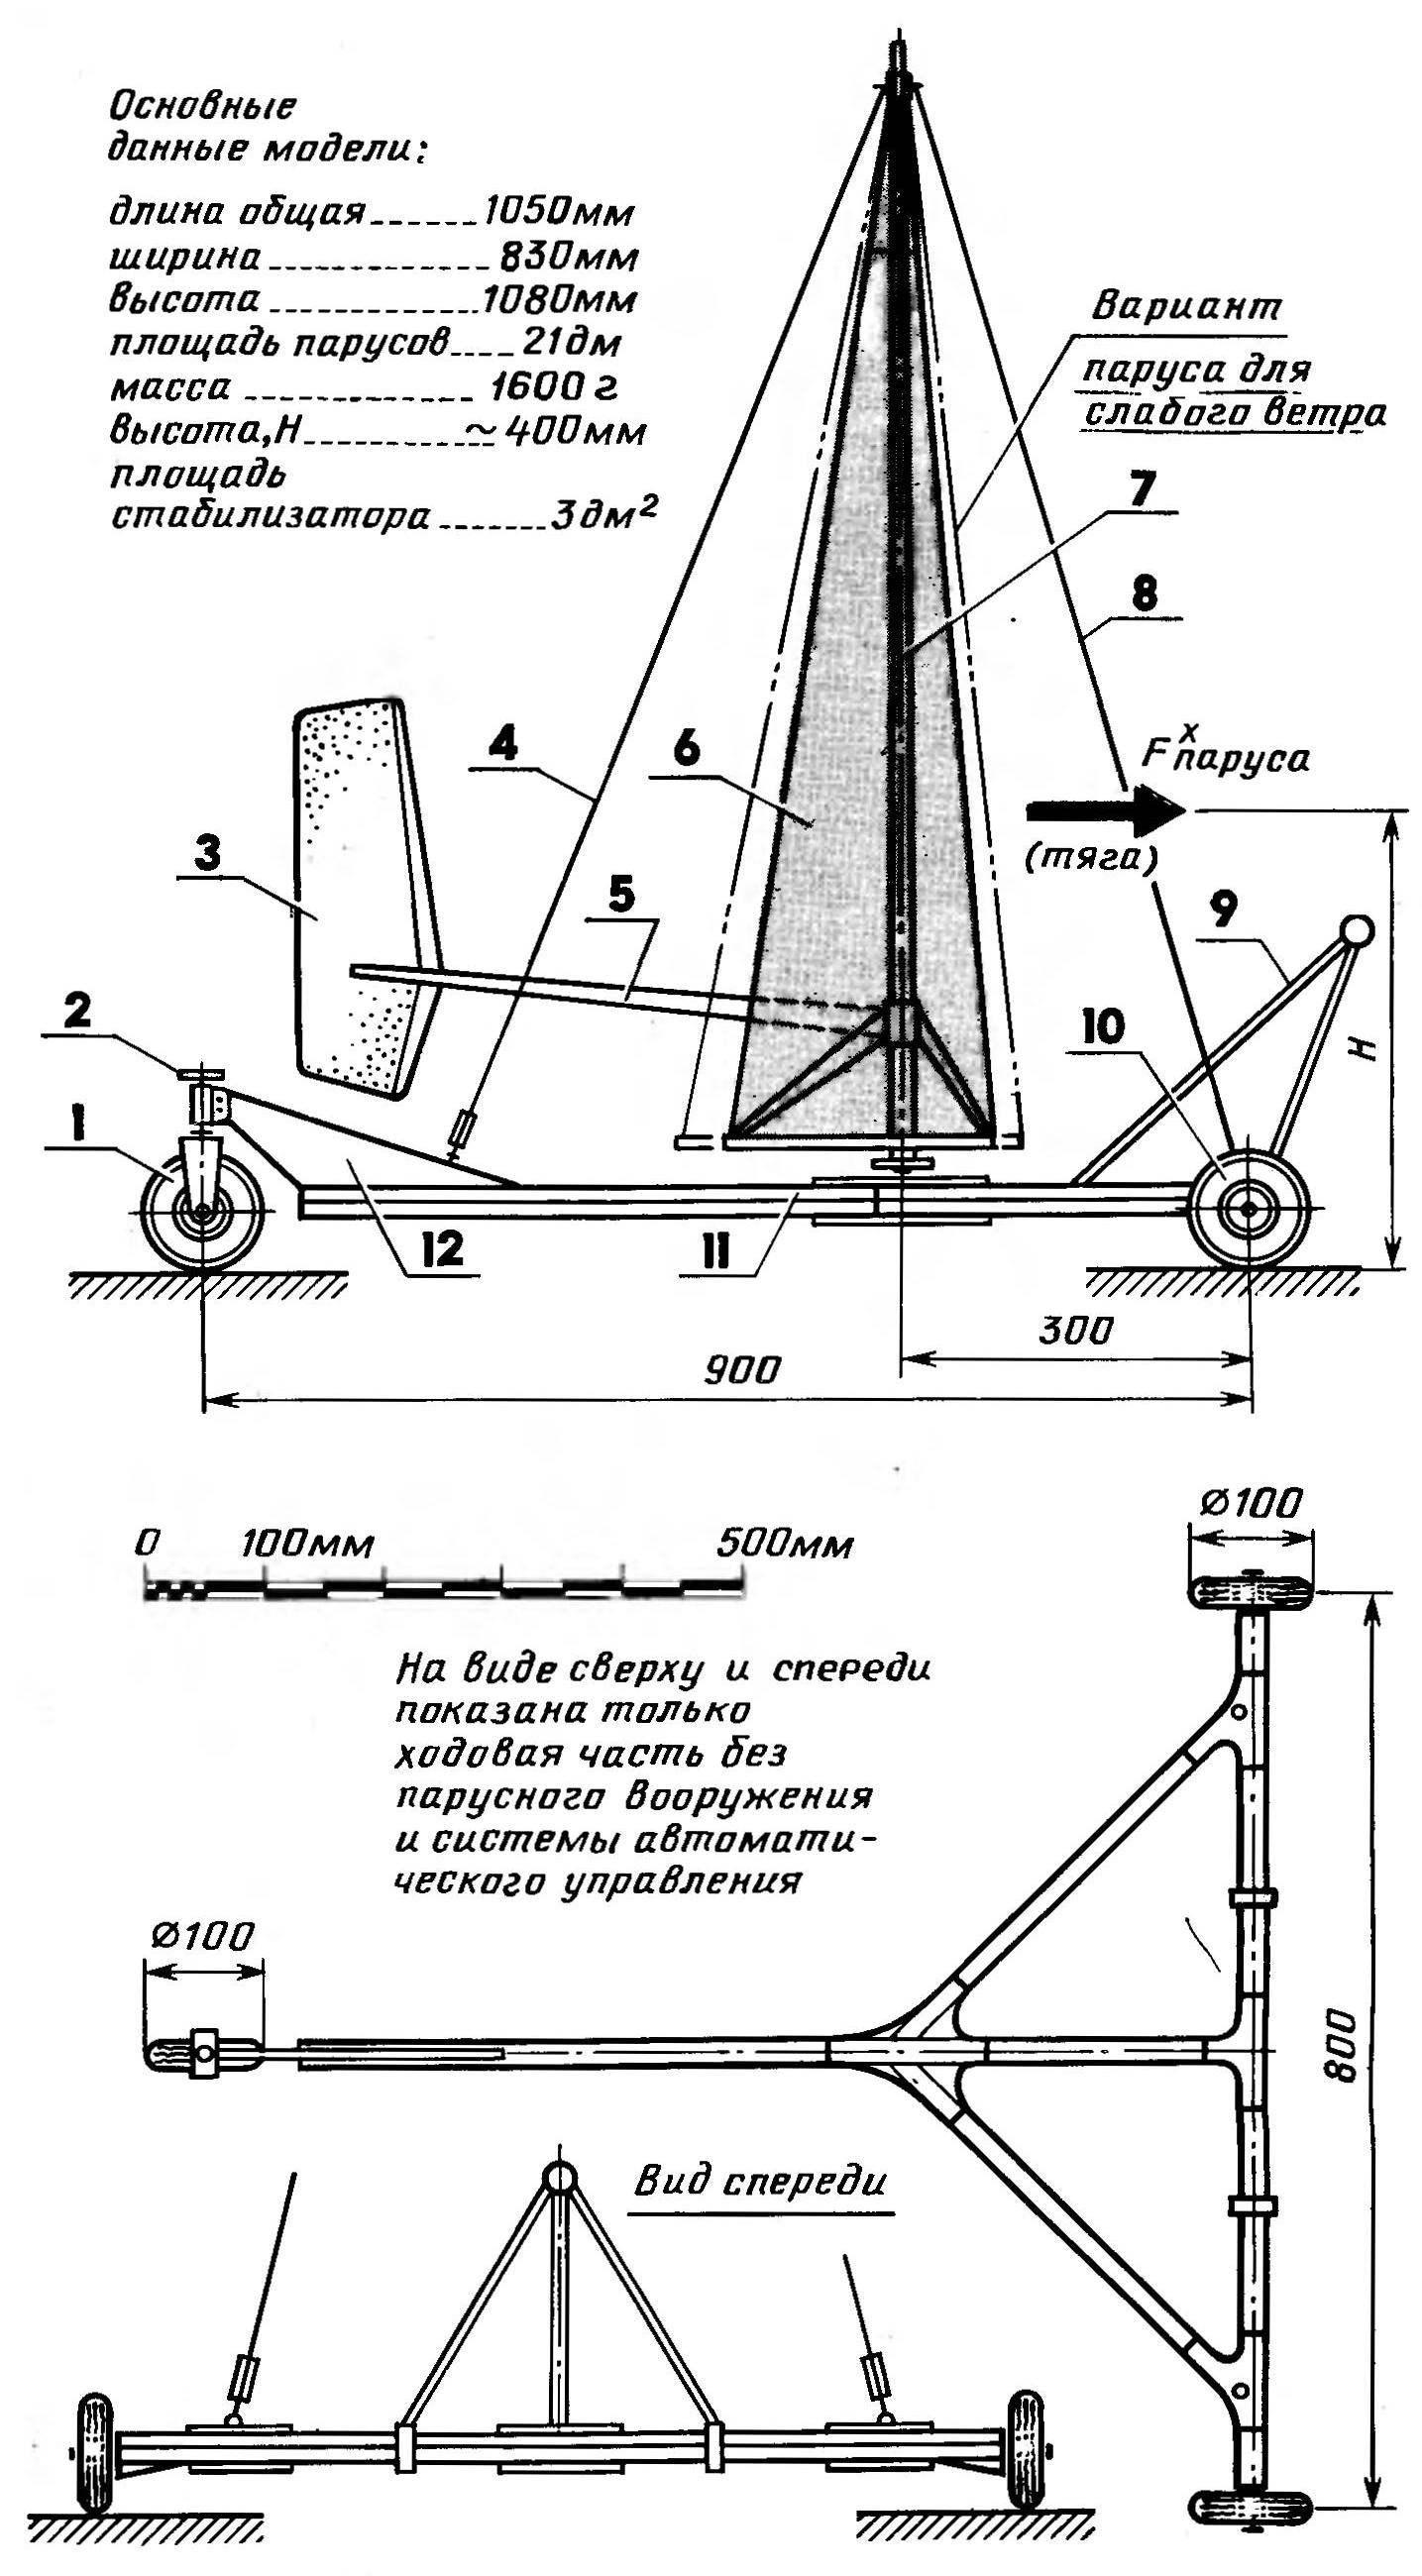 Рис. 1. Парусная автомодель с пирамидалъным парусным вооружением